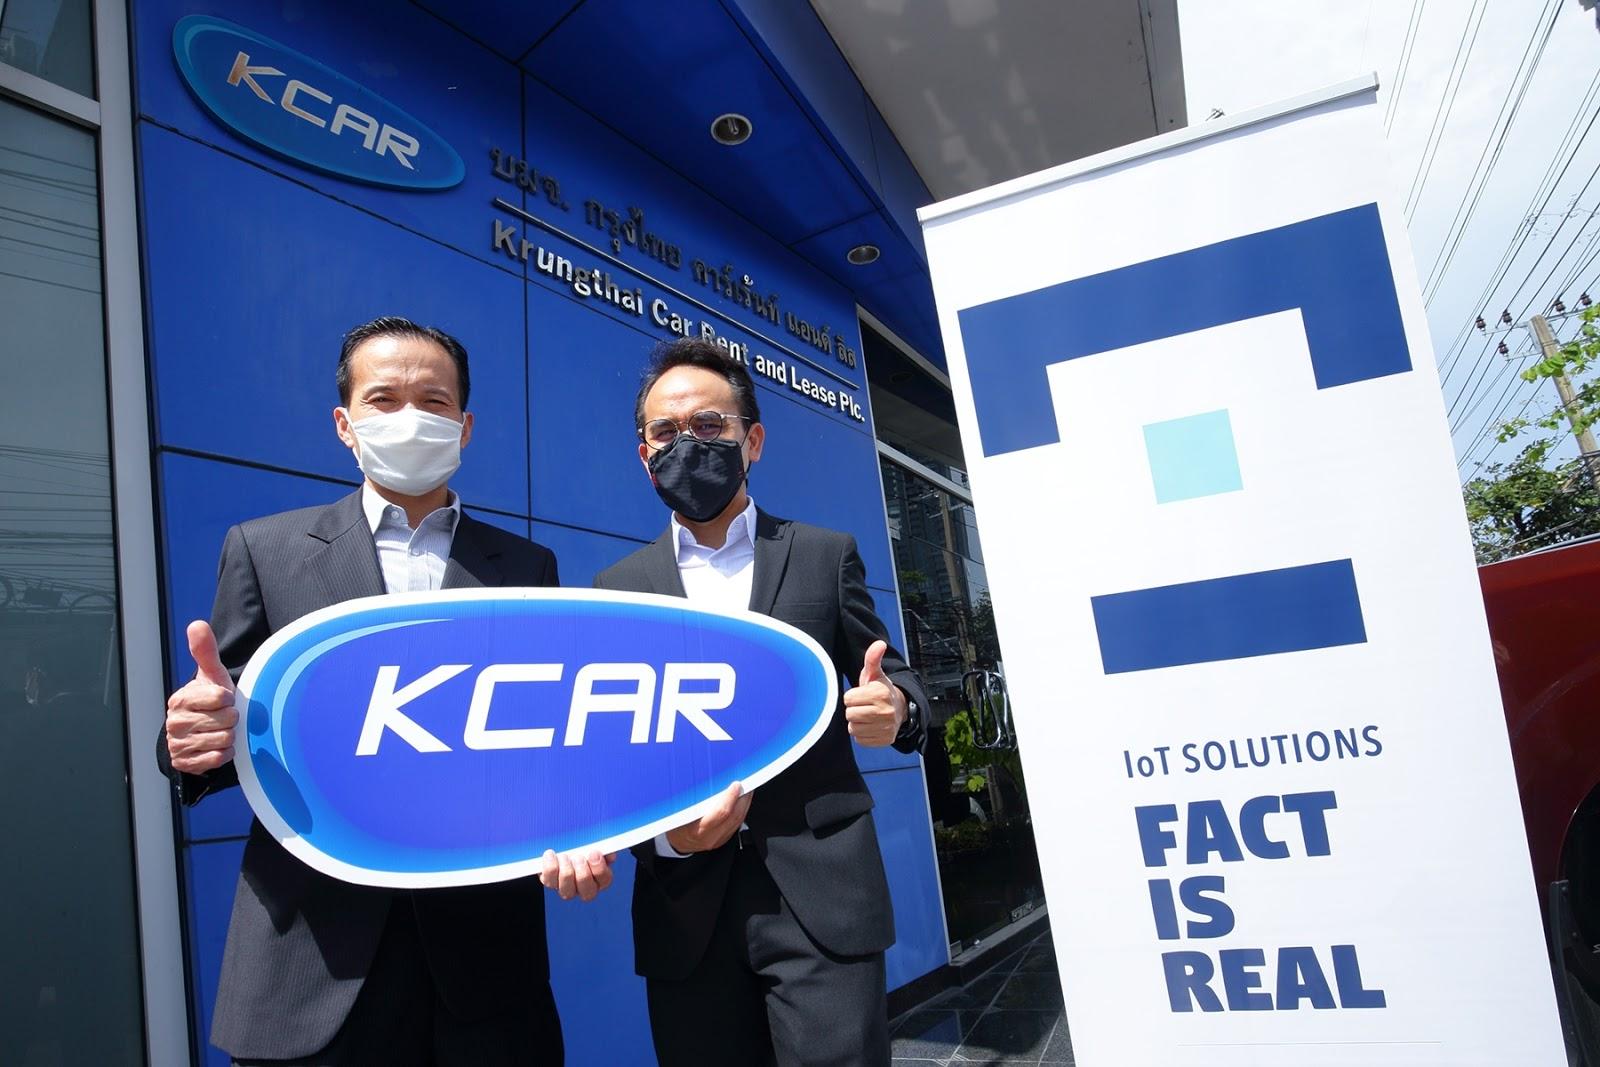 Things on Net จับมือ Krungthai Carrent ติดตั้งไอโอทีโซลูชันครบวงจร ยกระดับบริการรถเช่าสู่ที่หนึ่งในไทย